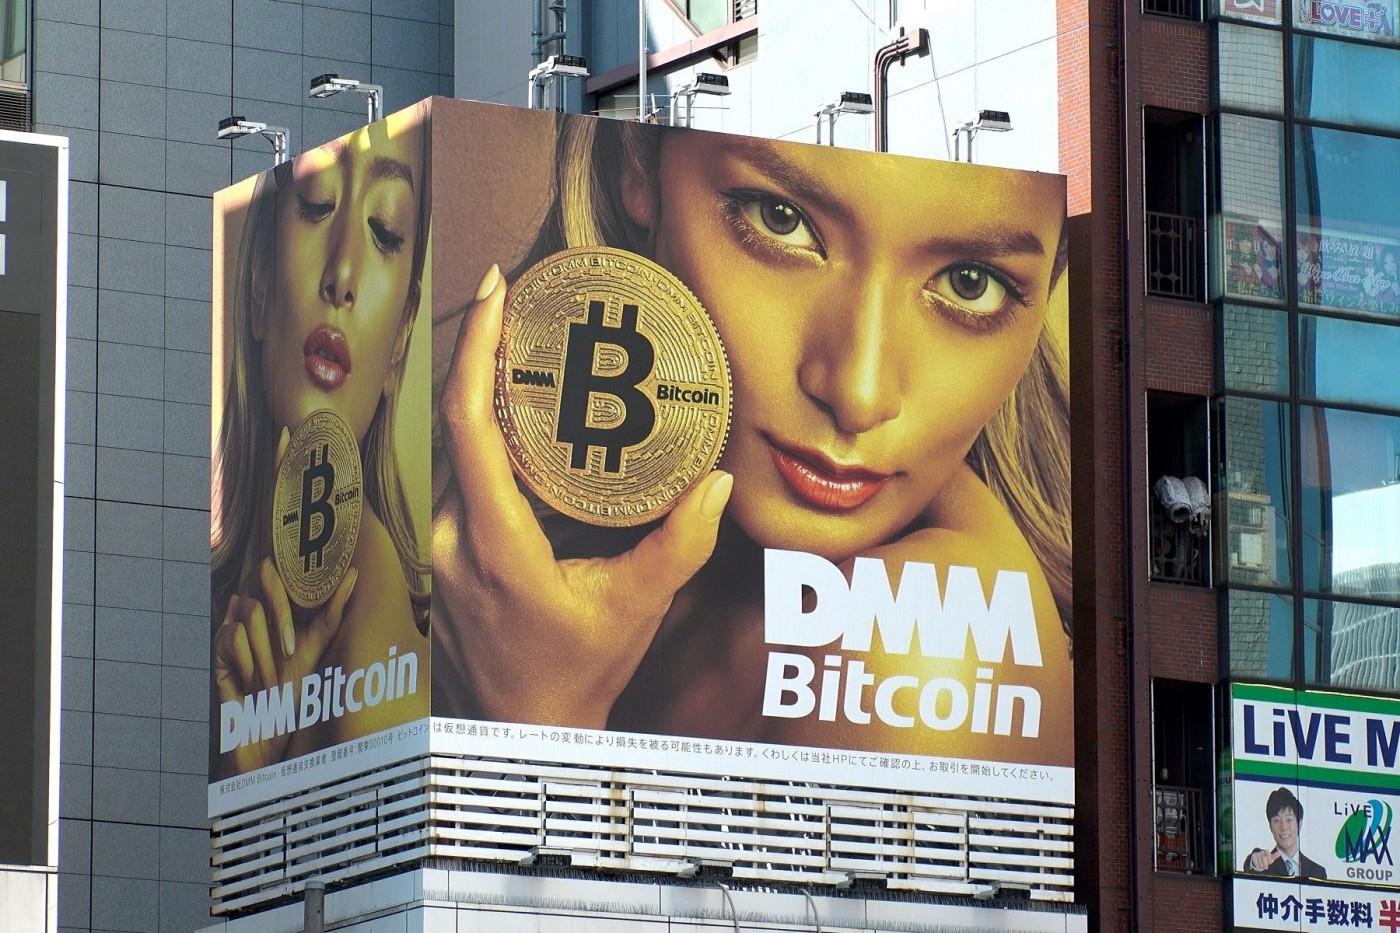 密碼貨幣激情褪去,日本電商巨頭DMM退出挖礦市場